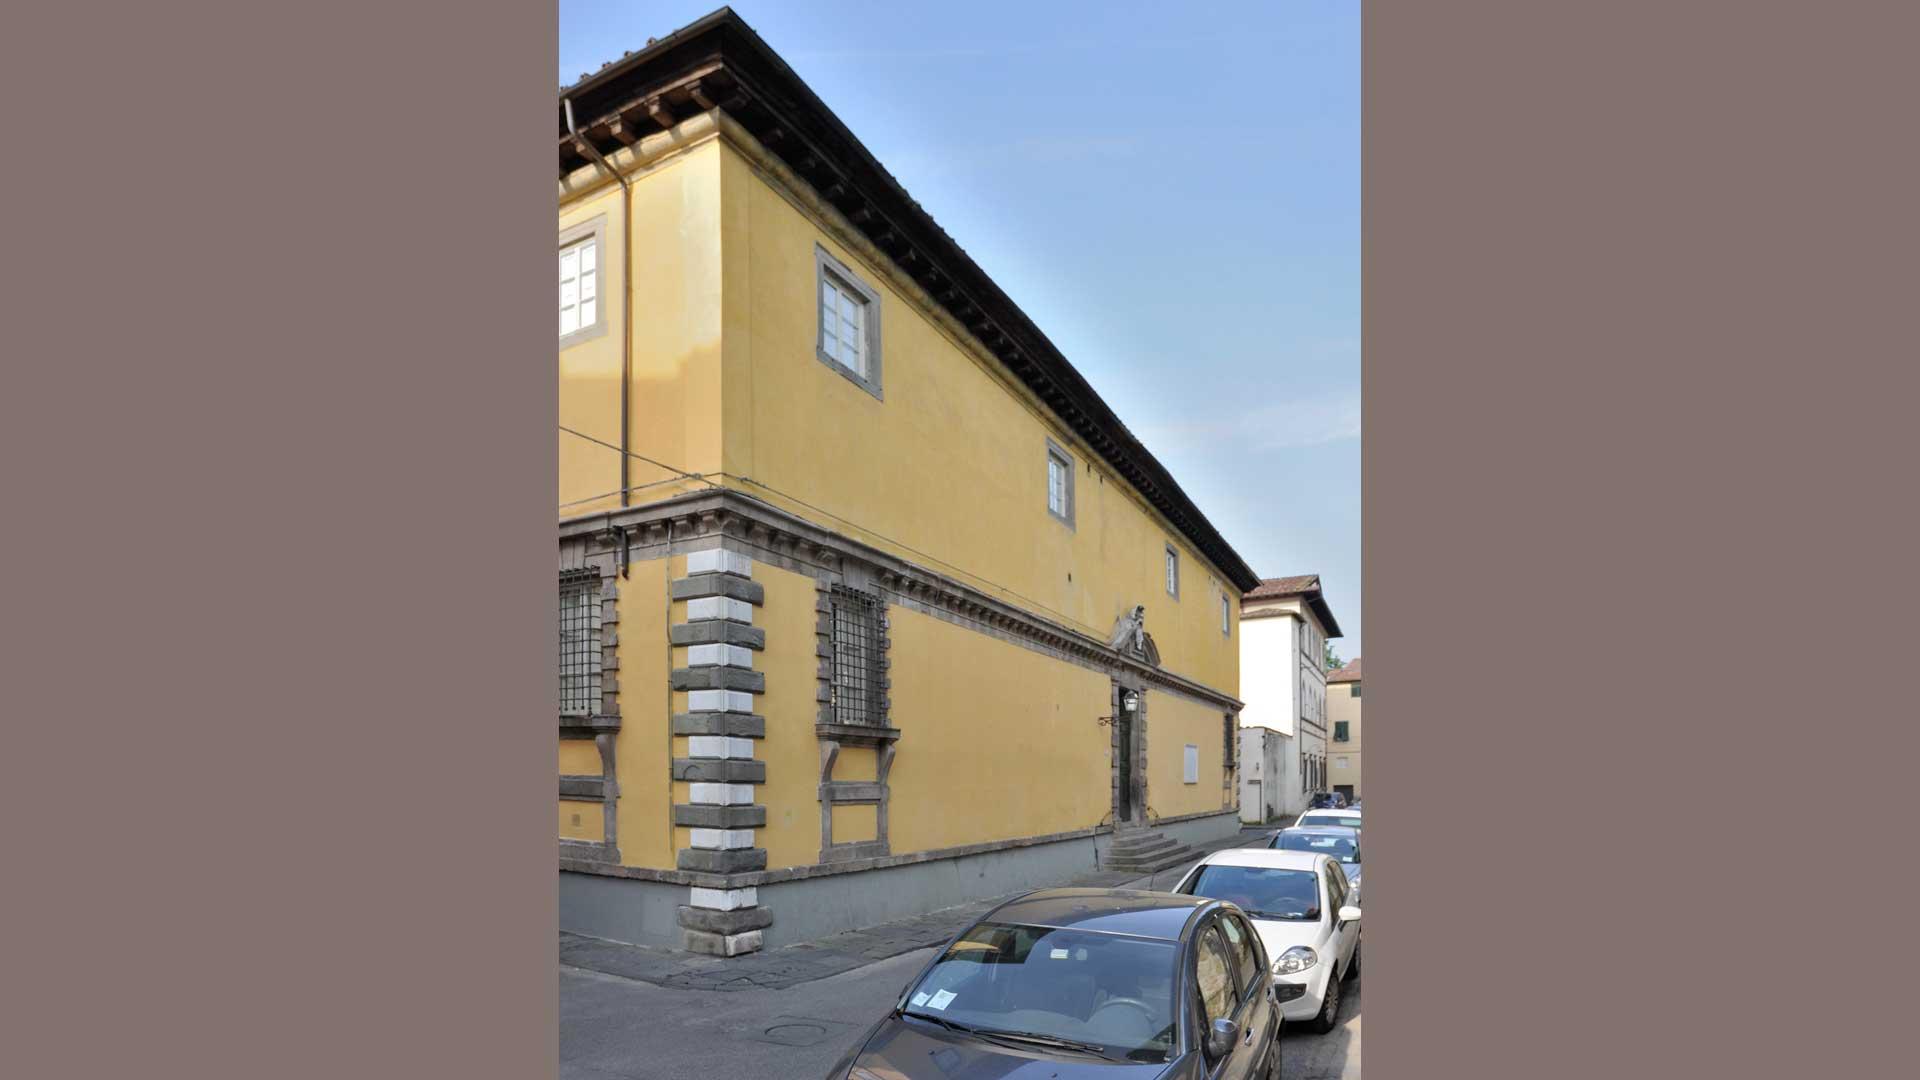 Palazzo degli Oblati, ex sede del Seminario Arcivescovile